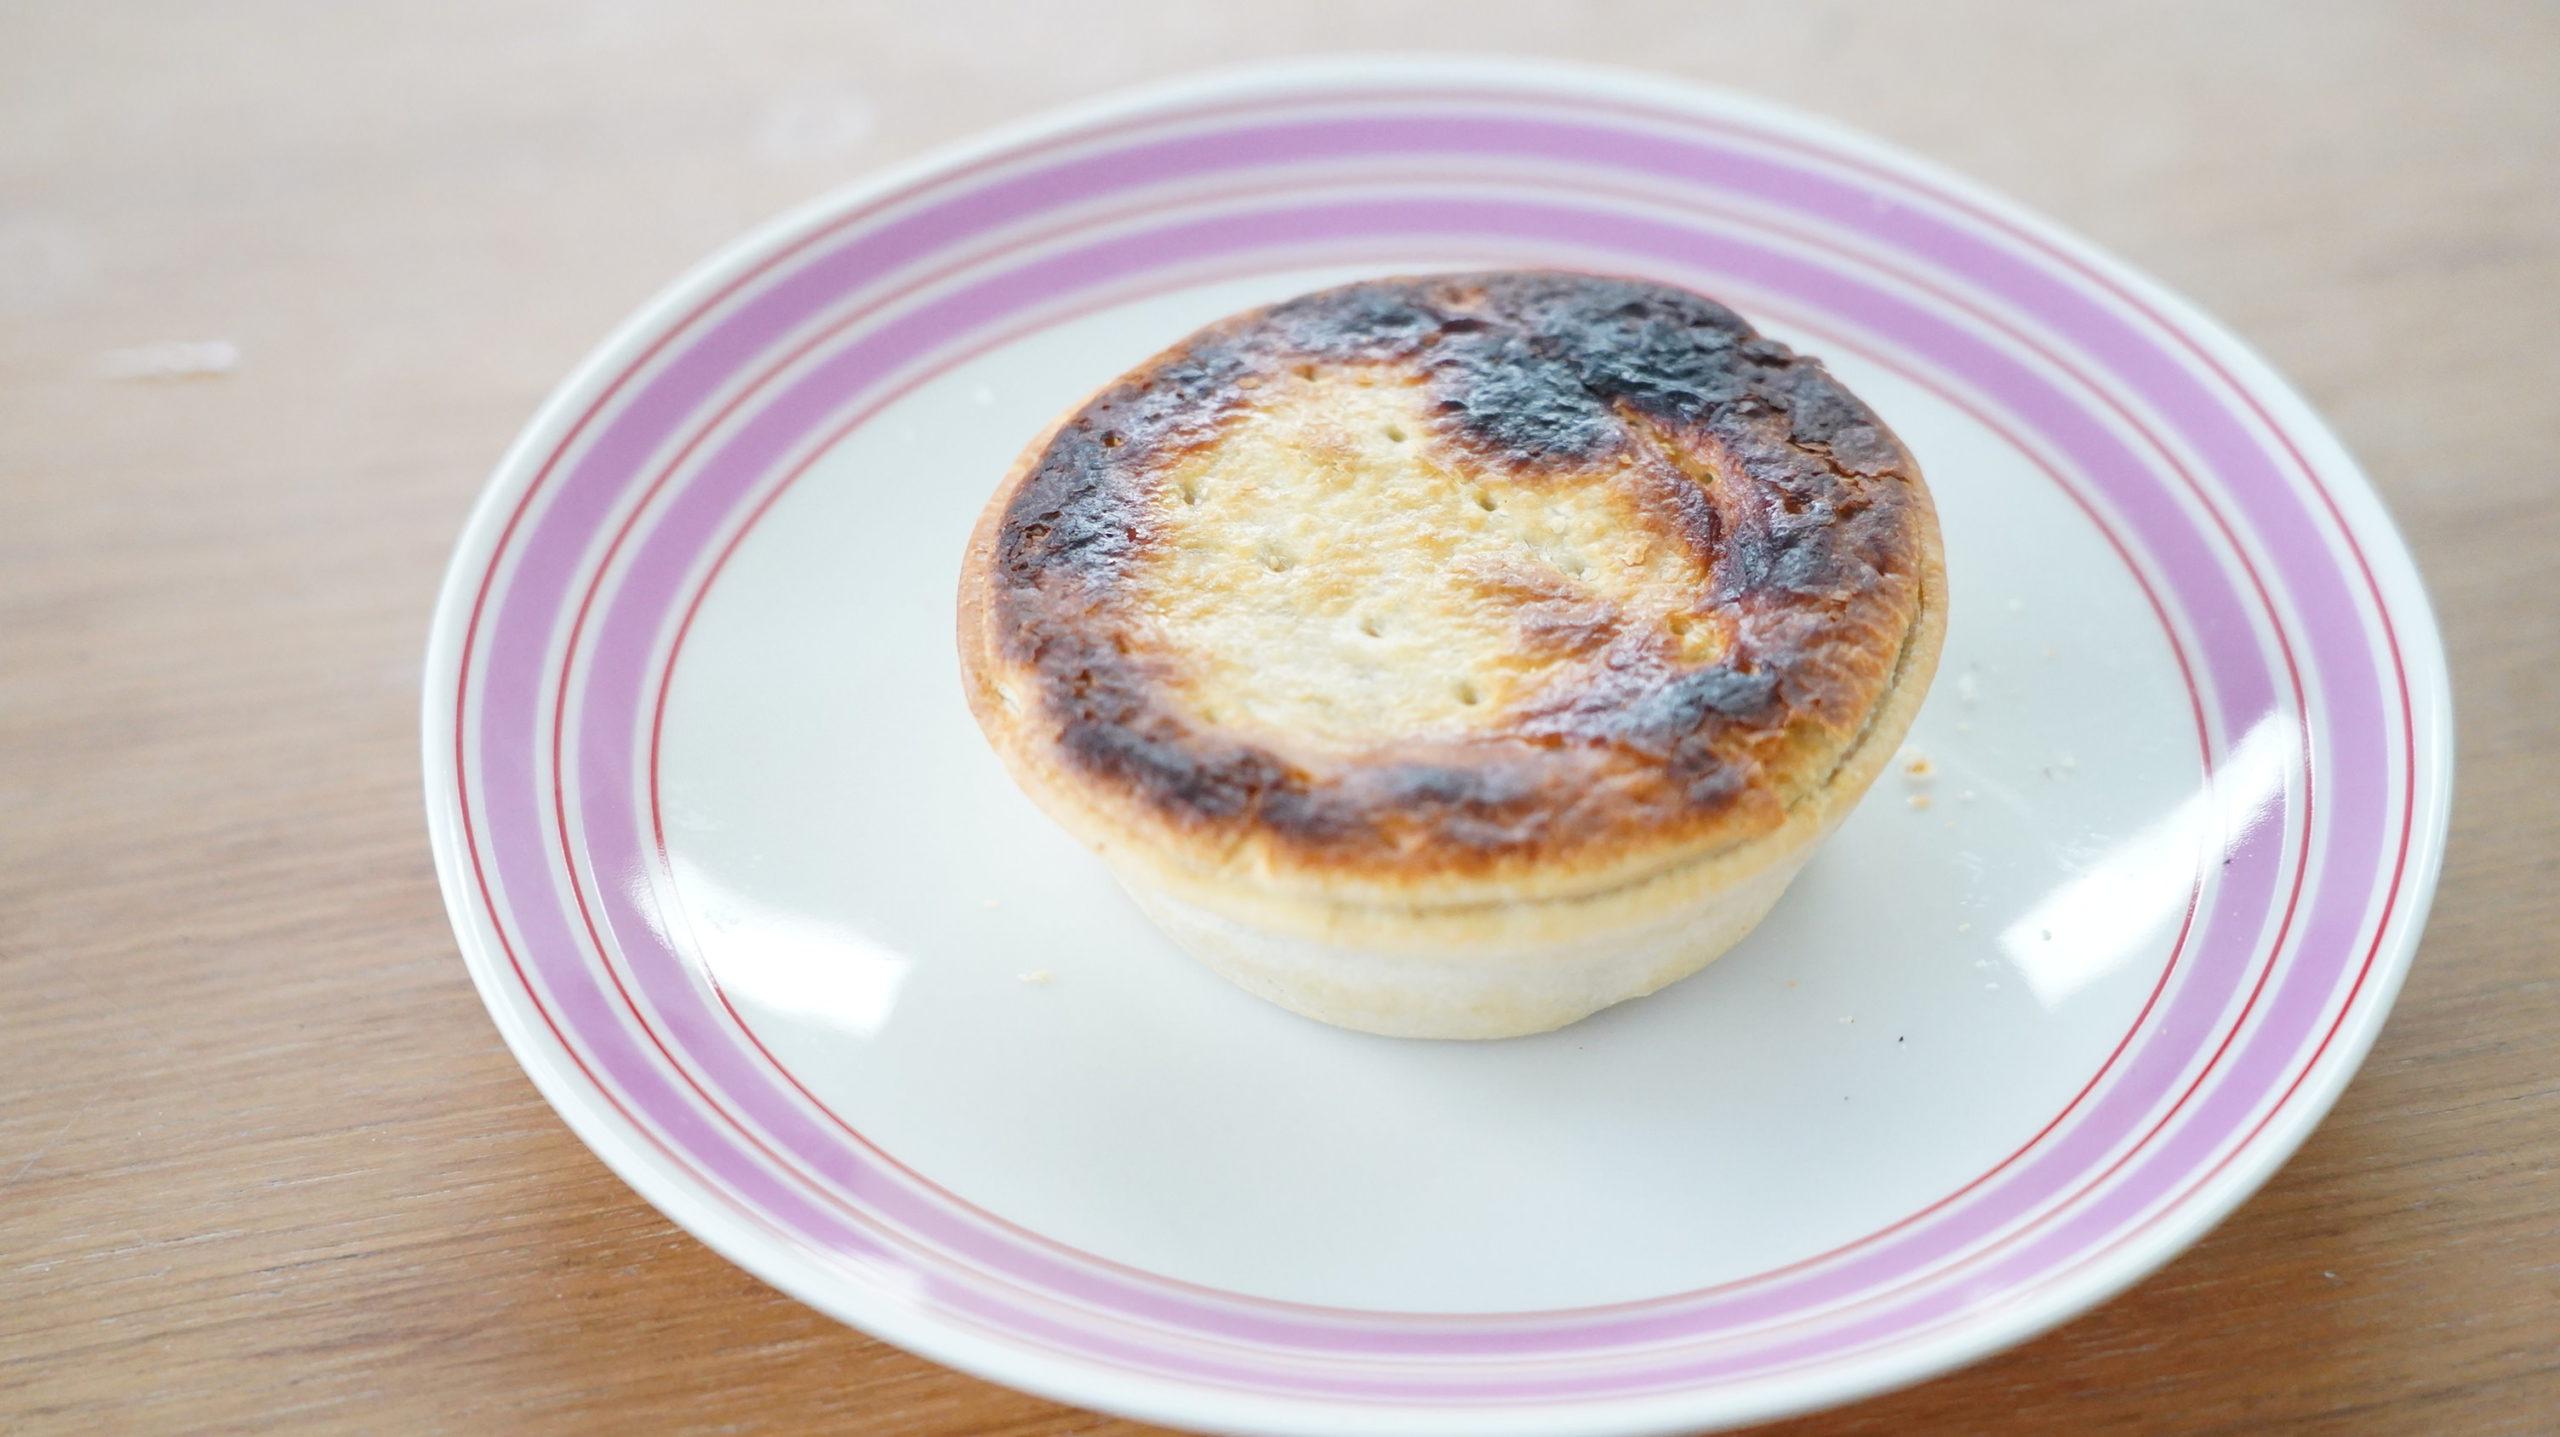 コストコの冷凍食品「アンガスビーフパイ」のパイの写真